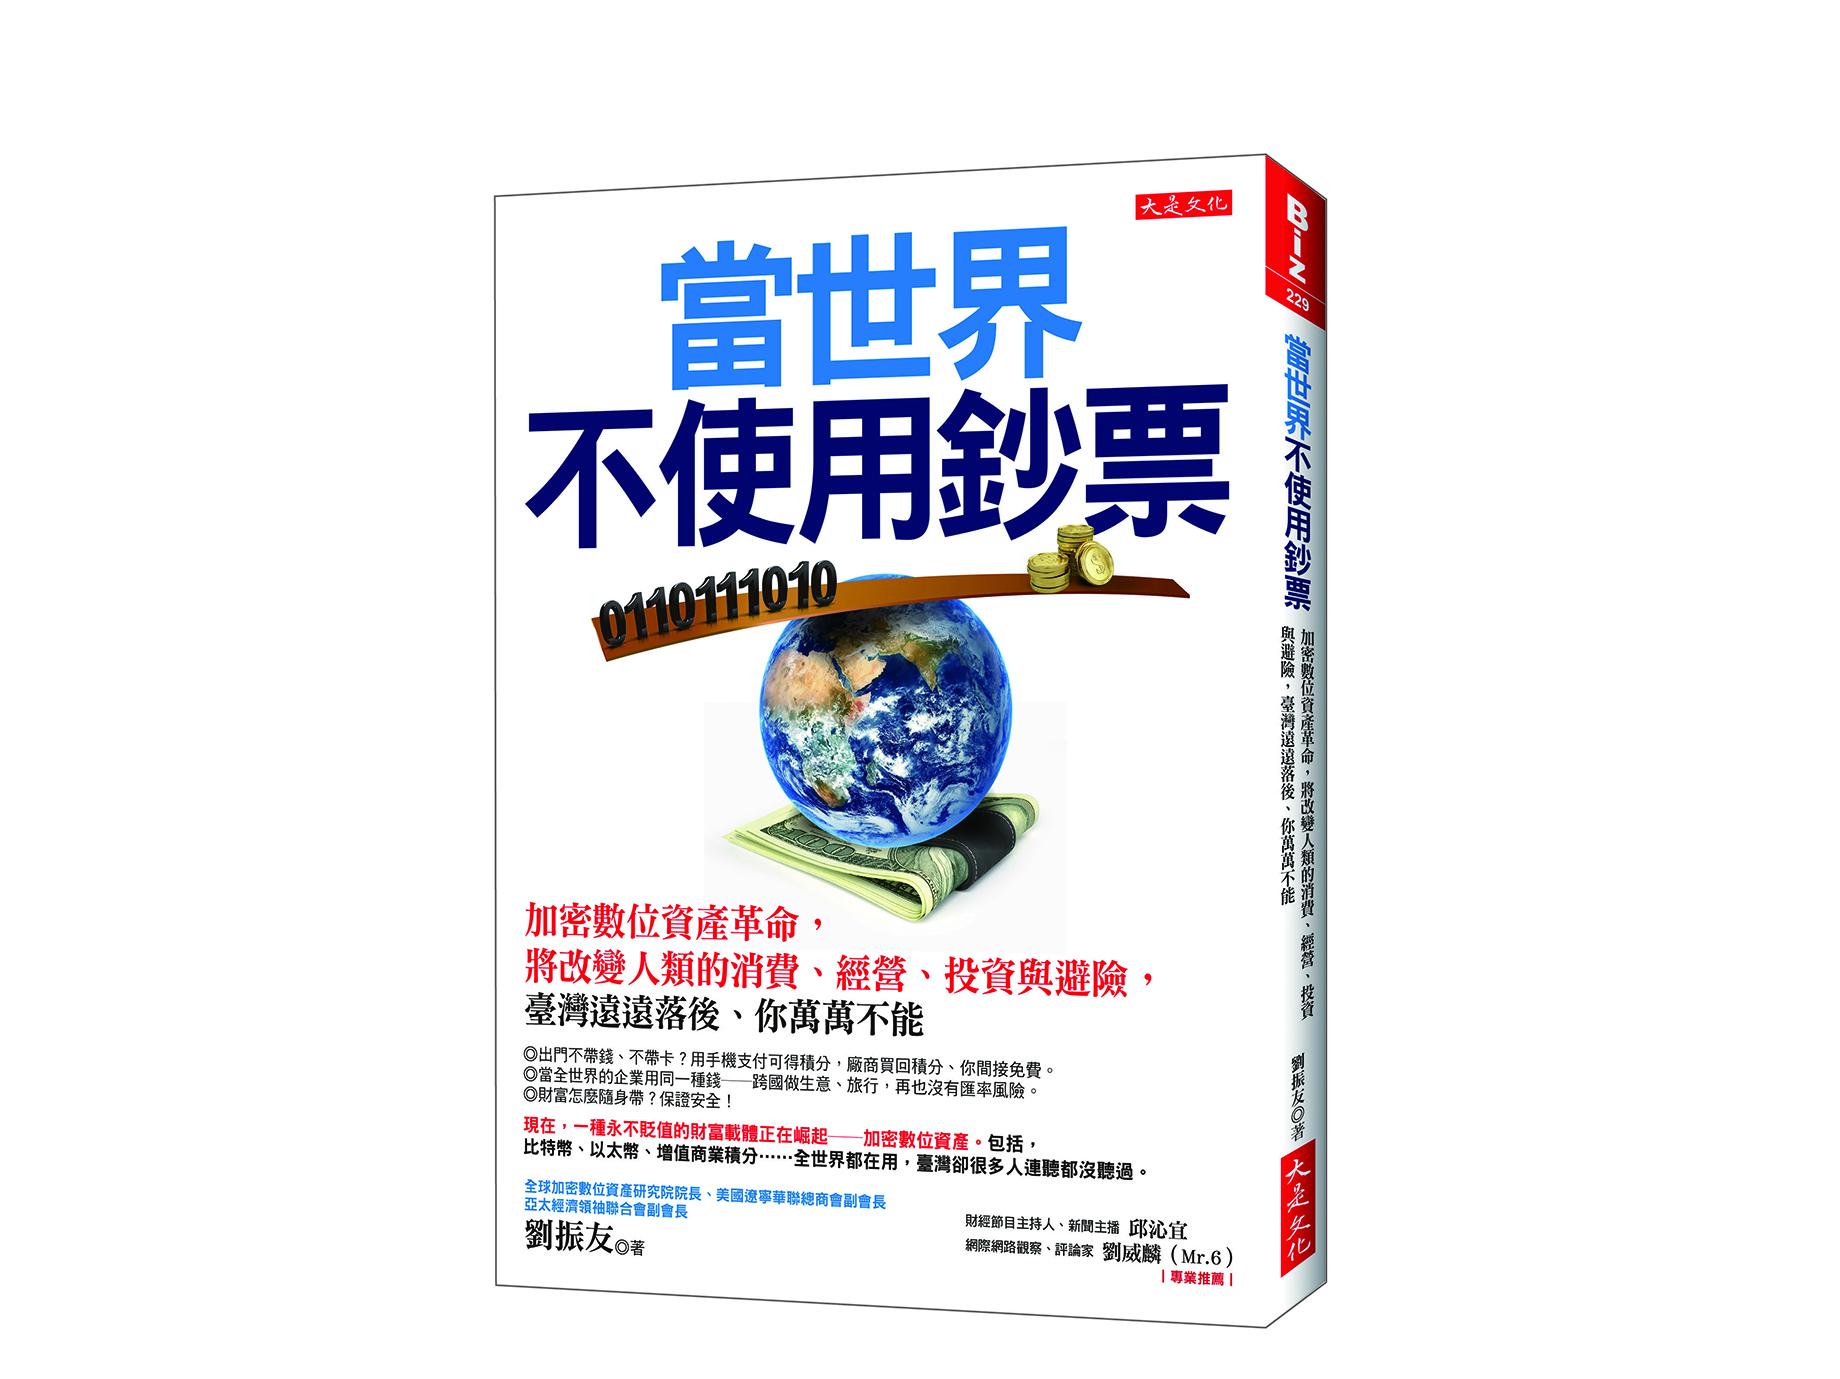 新書搶先看》新工具、新模式、新思維,網路普及迫使金融創新